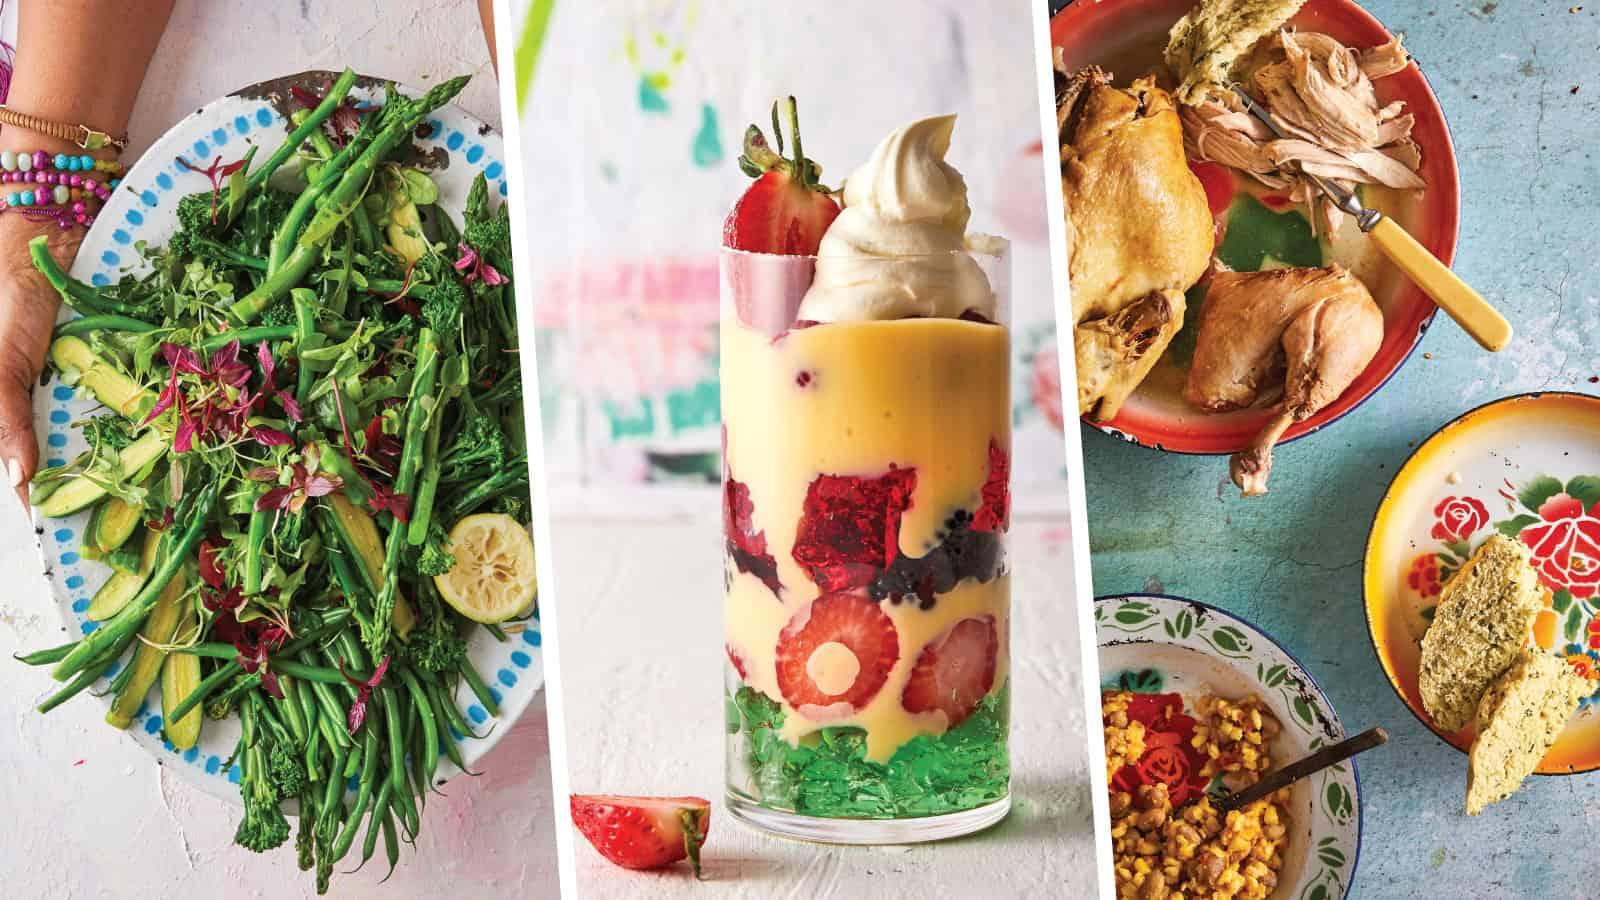 Kitchen Queen, Lucia Mthiyane makes greens, Zulu chicken and trifle. Photos: Supplied